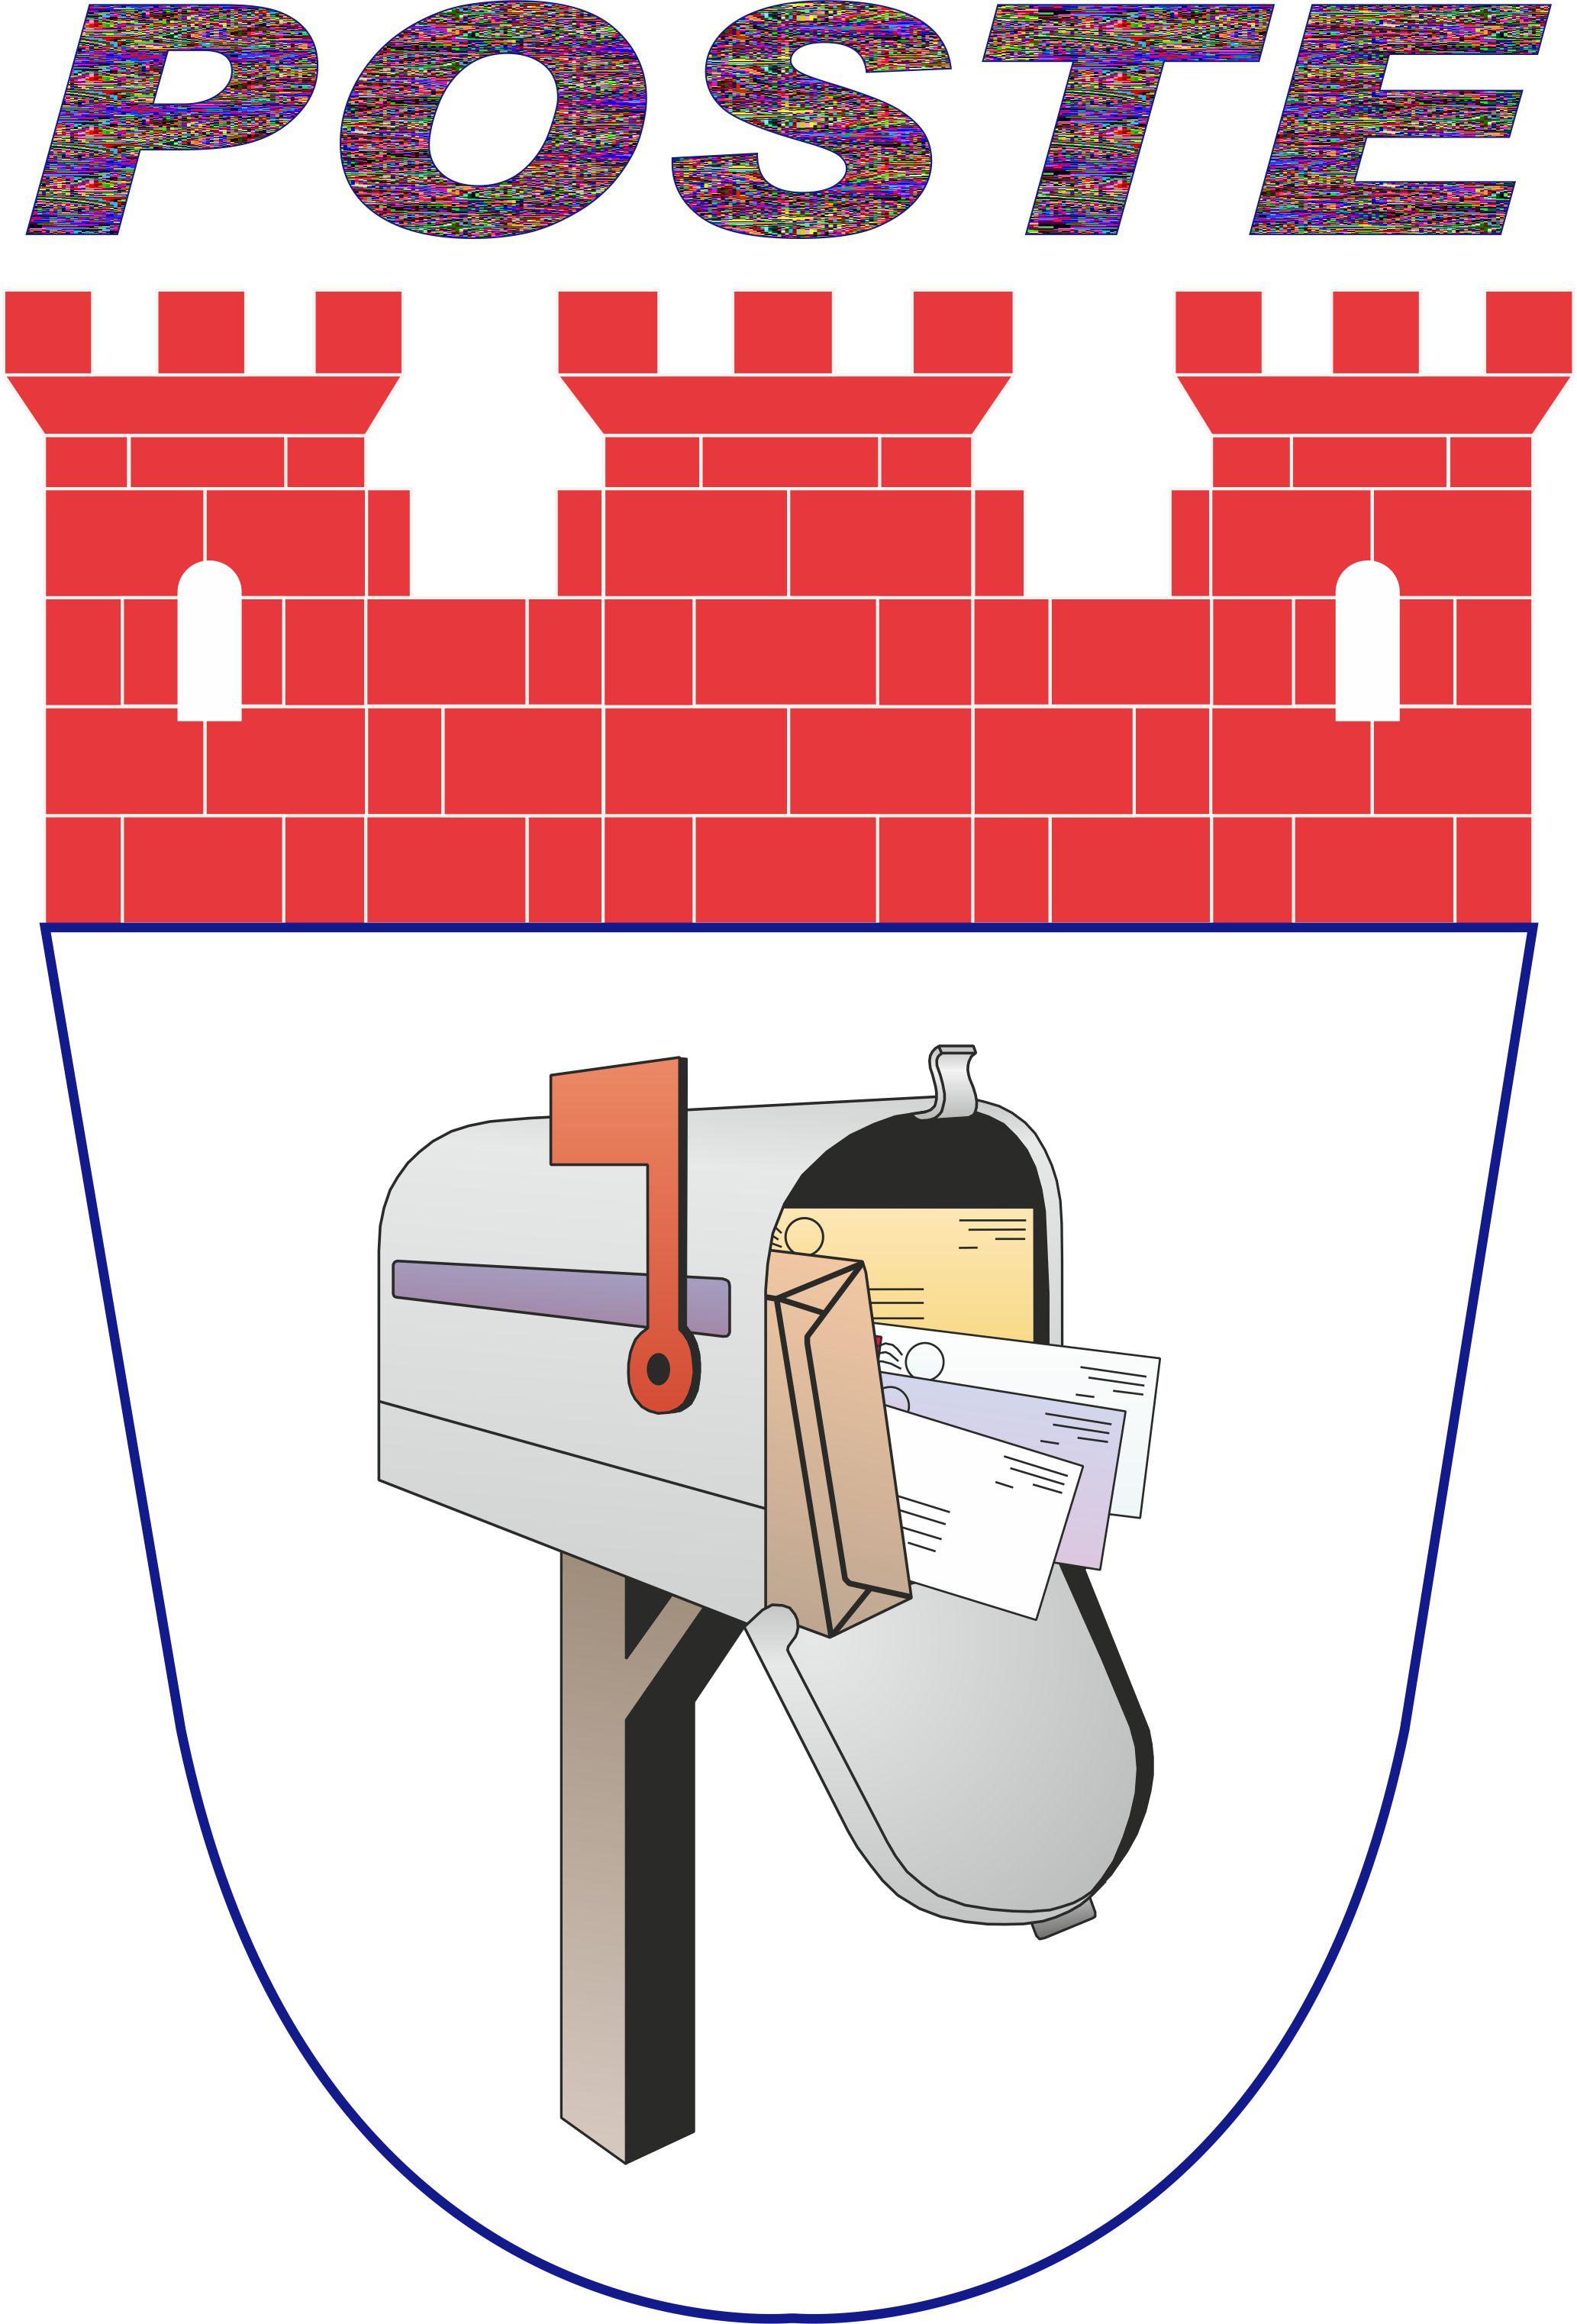 Nuova pagina 1 for Controlla permesso di soggiorno poste